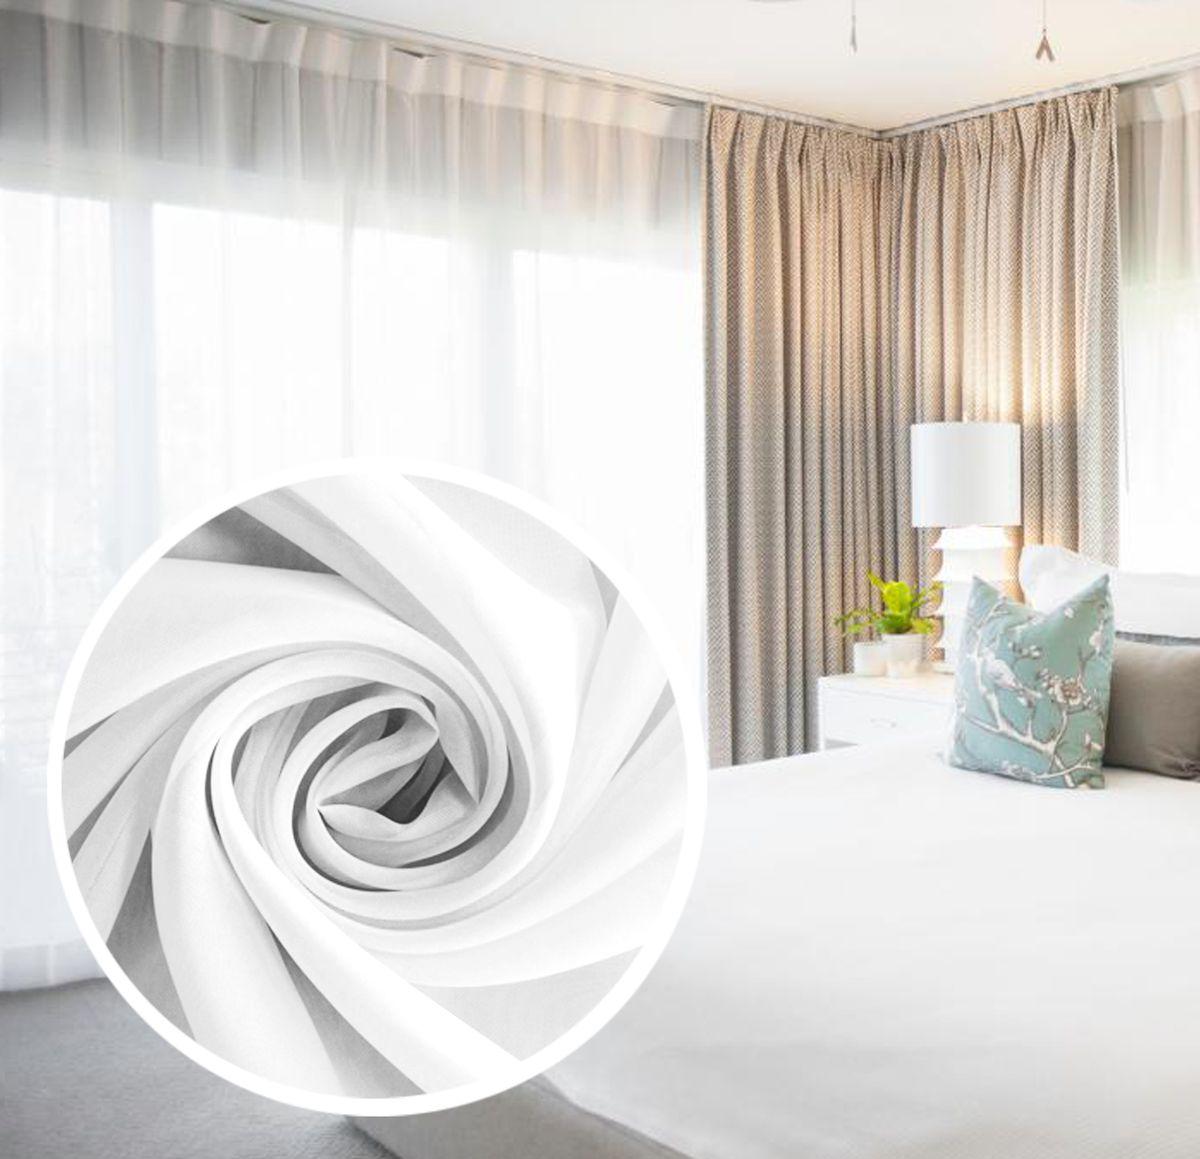 Тюль Amore Mio, на ленте, цвет: белый, высота 290 см. RR 200178560Однотонная легкая вуаль нежного цвета в классическом однотонном исполнении. Незаменимая деталь в оформлении окон спальни и гостиной. Отлично сочетается практически с любыми портьерами. Изделие на шторной ленте, готово к использованию.